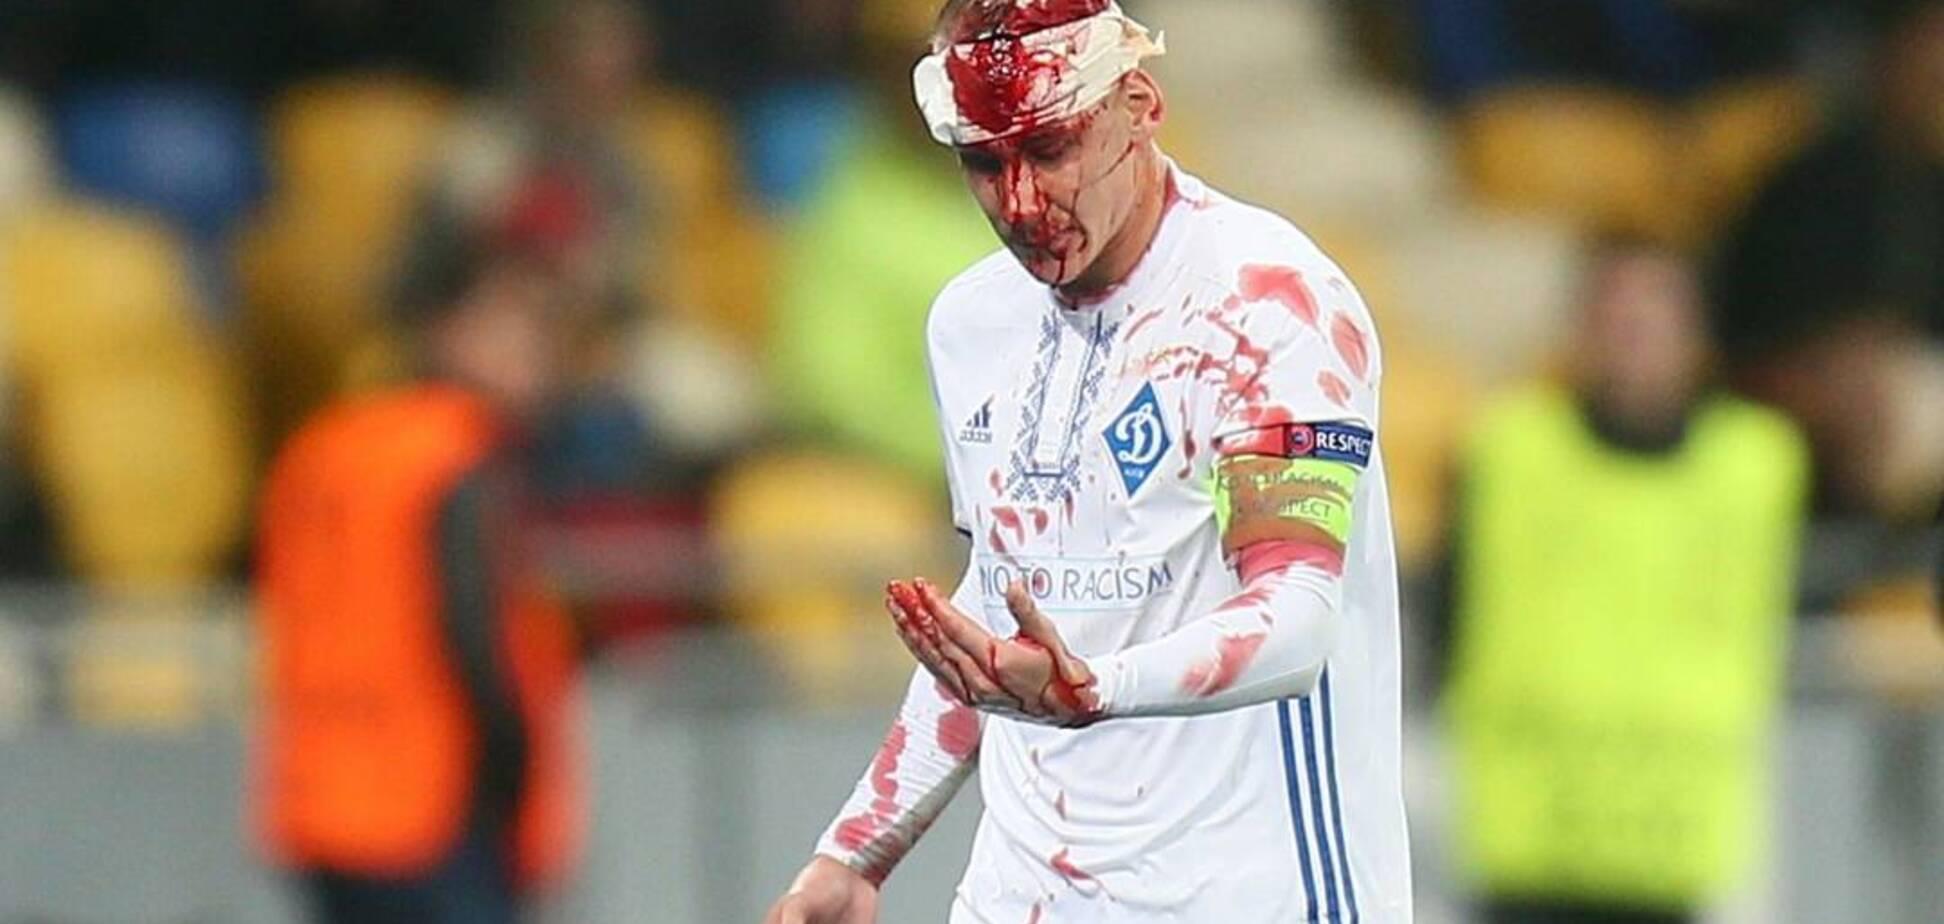 Слабонервным не смотреть! 'Динамо' опубликовало кошмарные фото окровавленного капитана команды